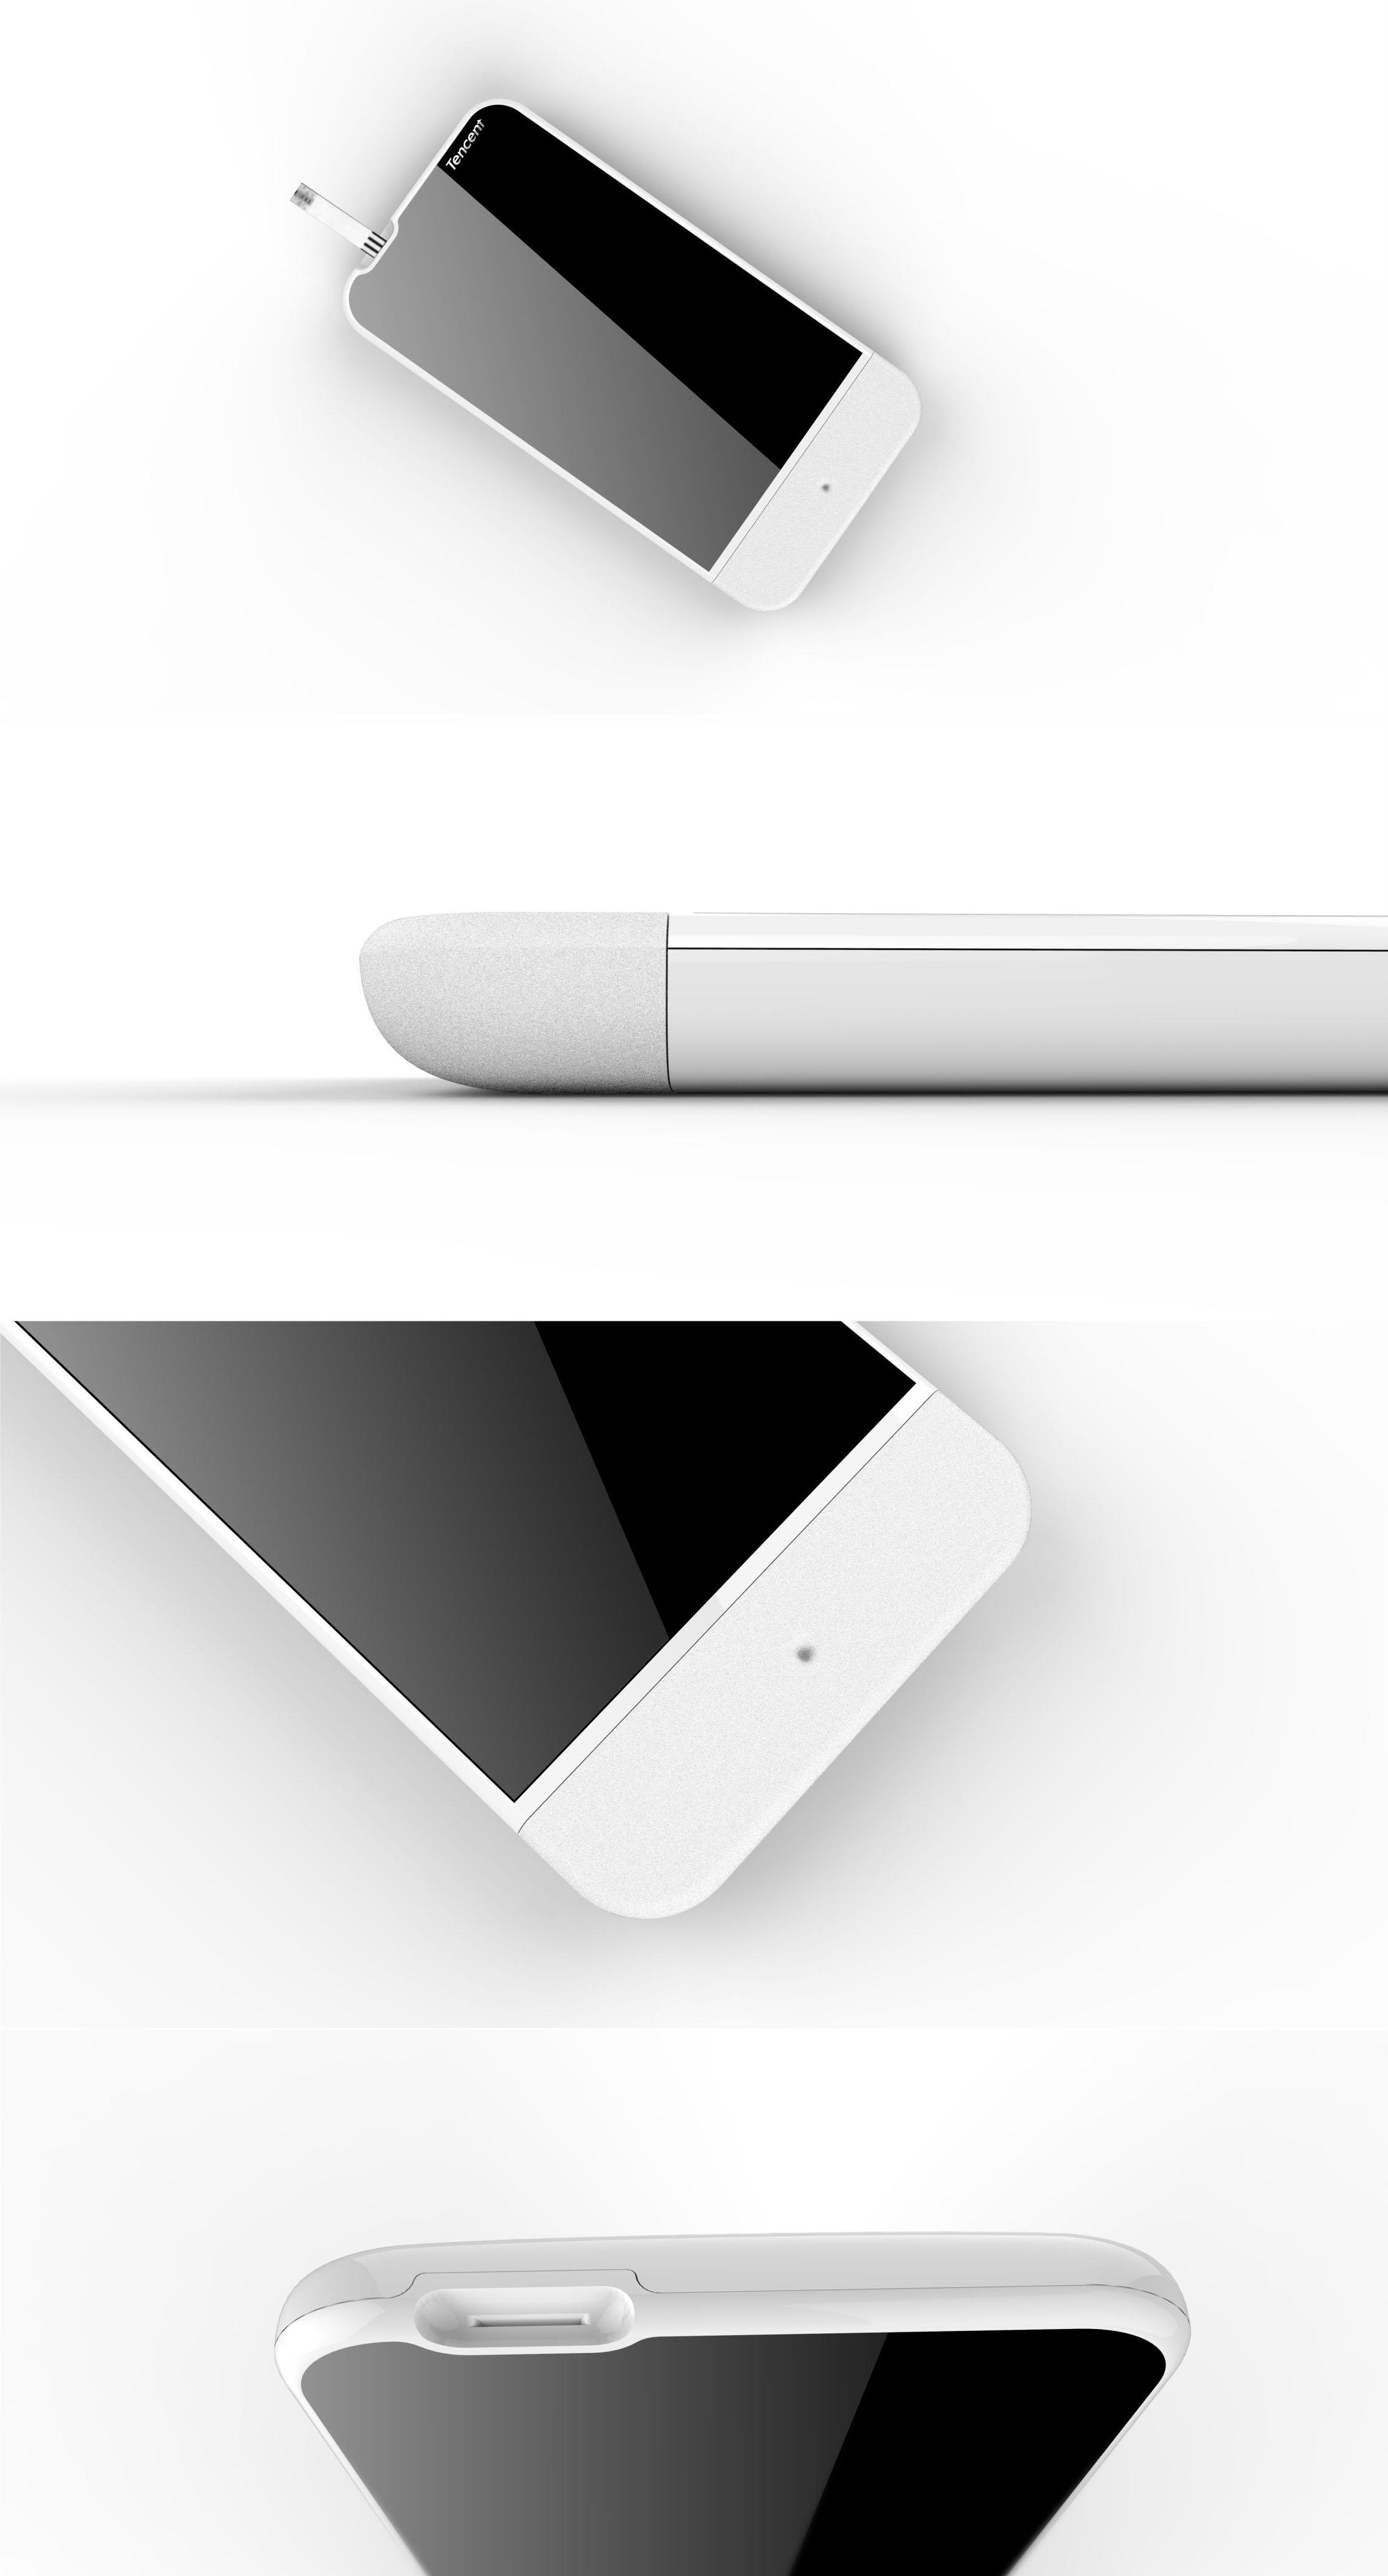 腾讯血糖仪2_产品设计-来设计